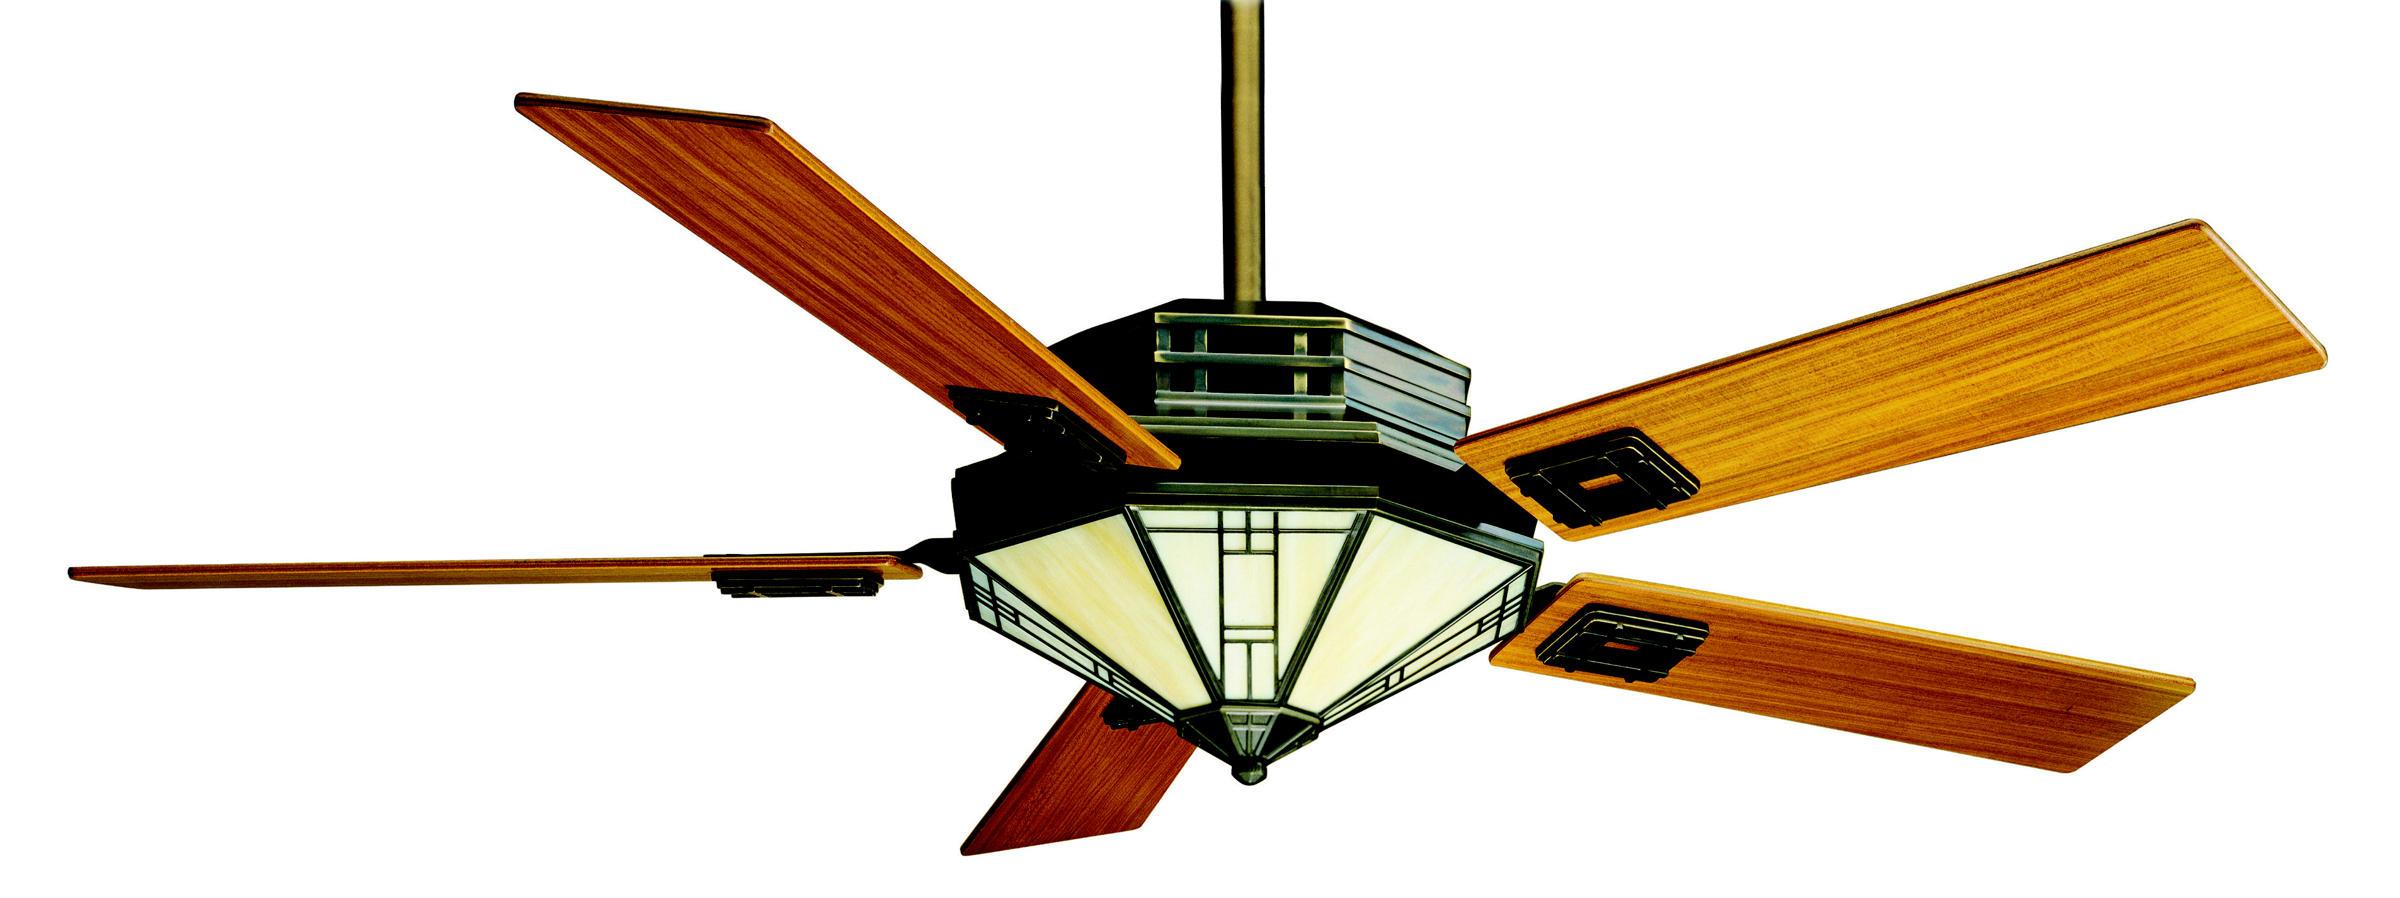 Sears Ceiling Fan Wiring Harness - Wiring Diagrams Hubs - Hunter Ceiling Fan Wiring Diagram